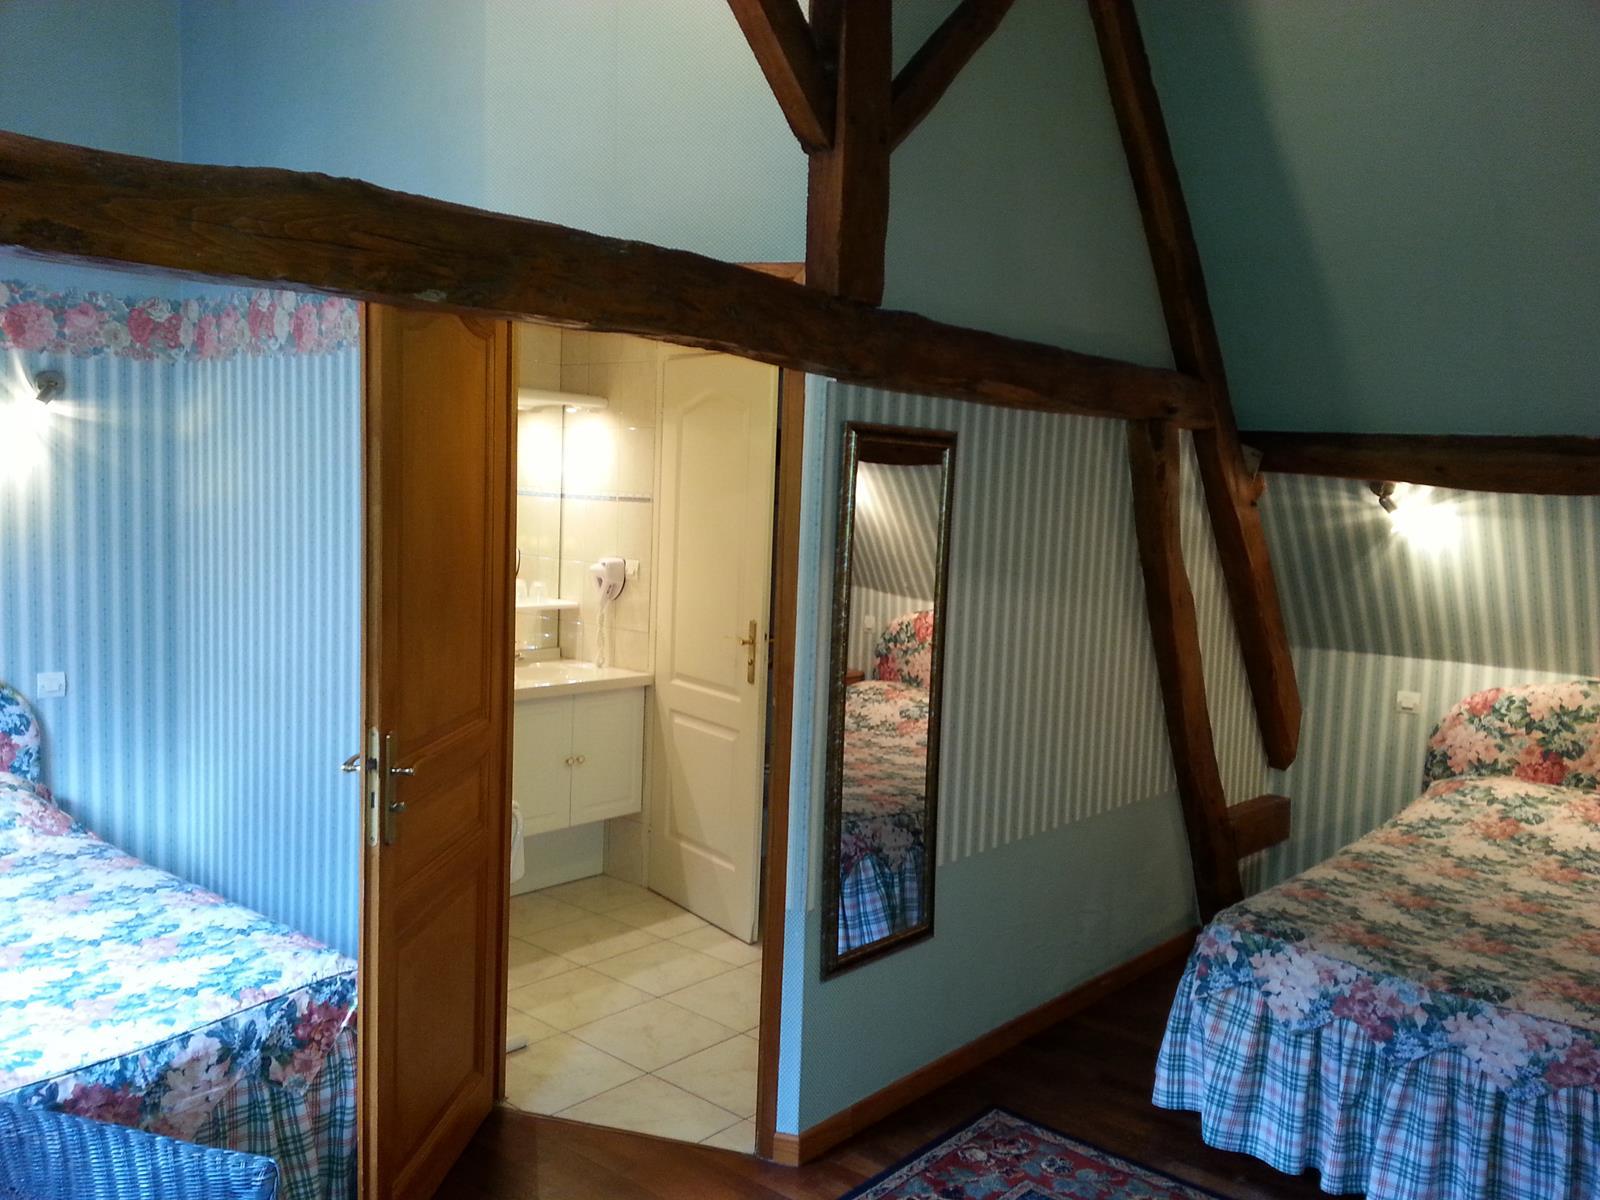 Chambre d'hotel familliale - avec deux lits doubles